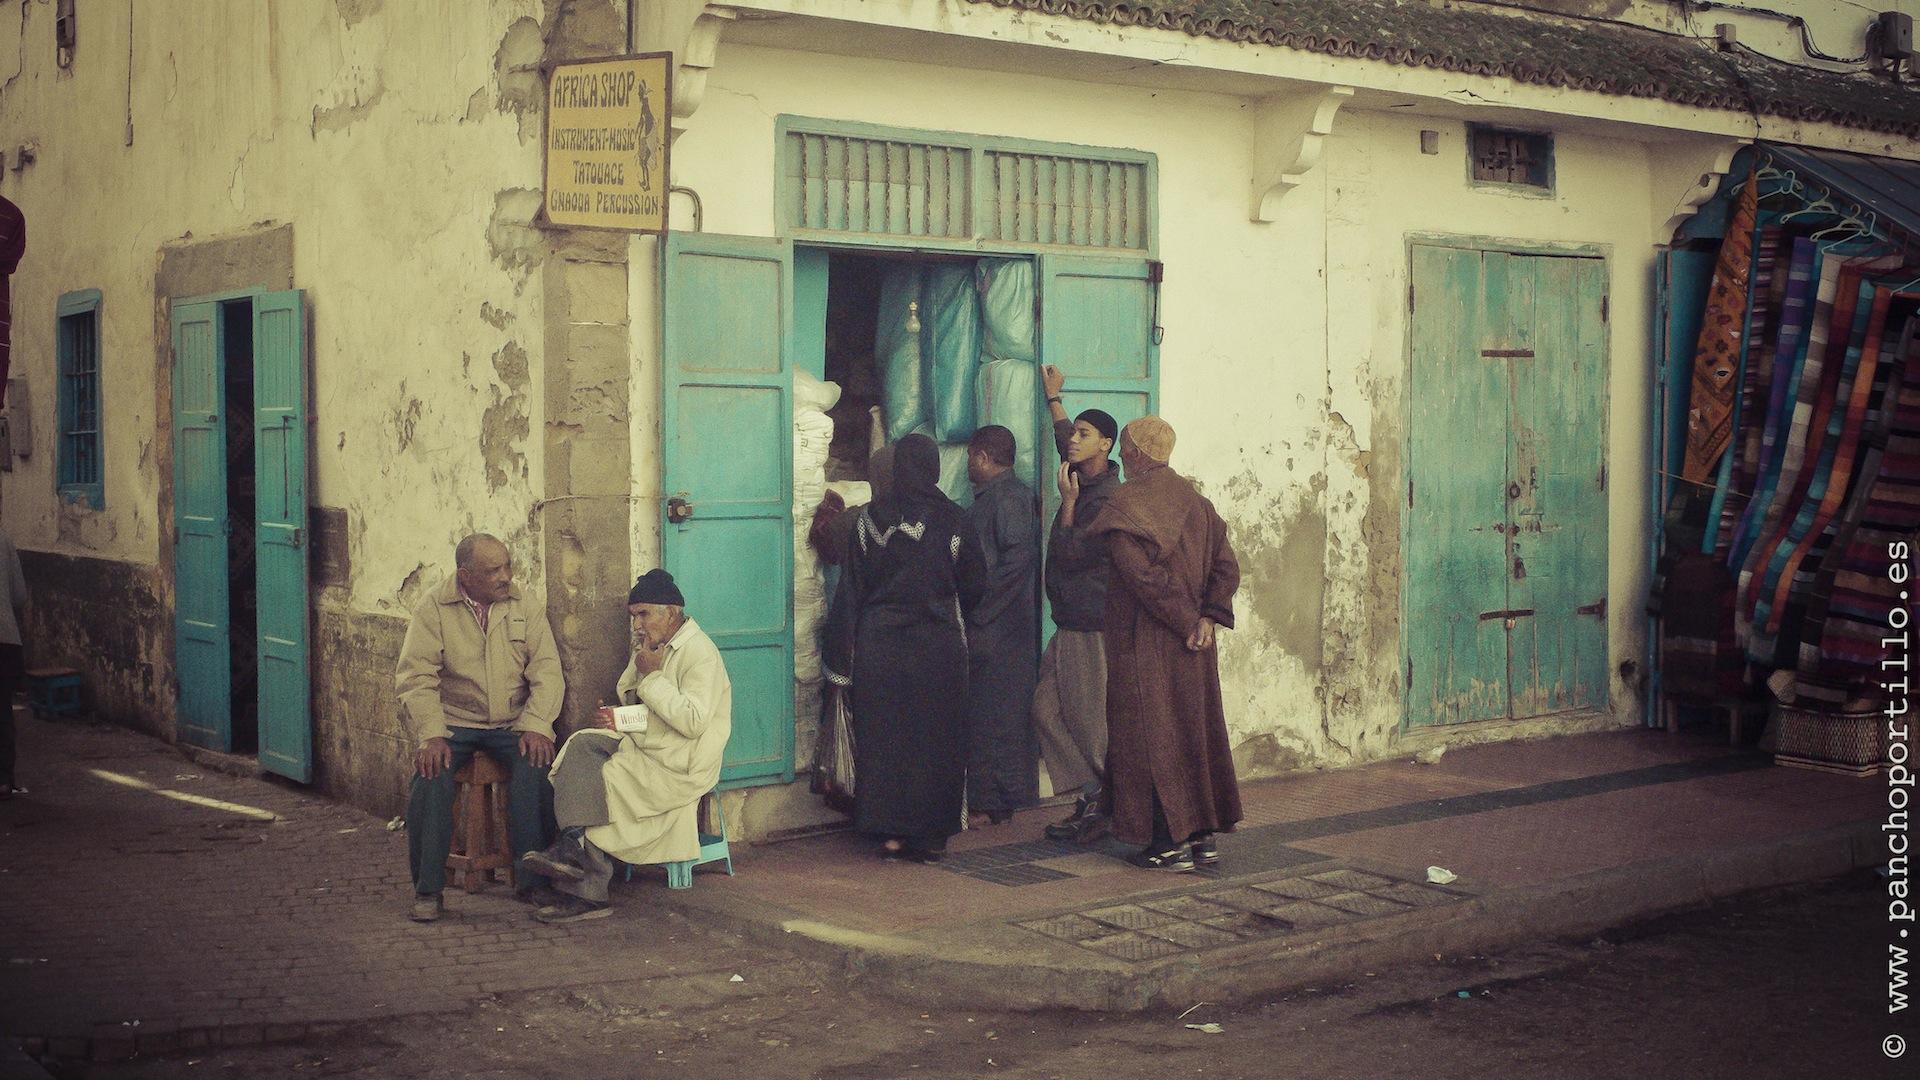 Essaouira-43-L1060112-2